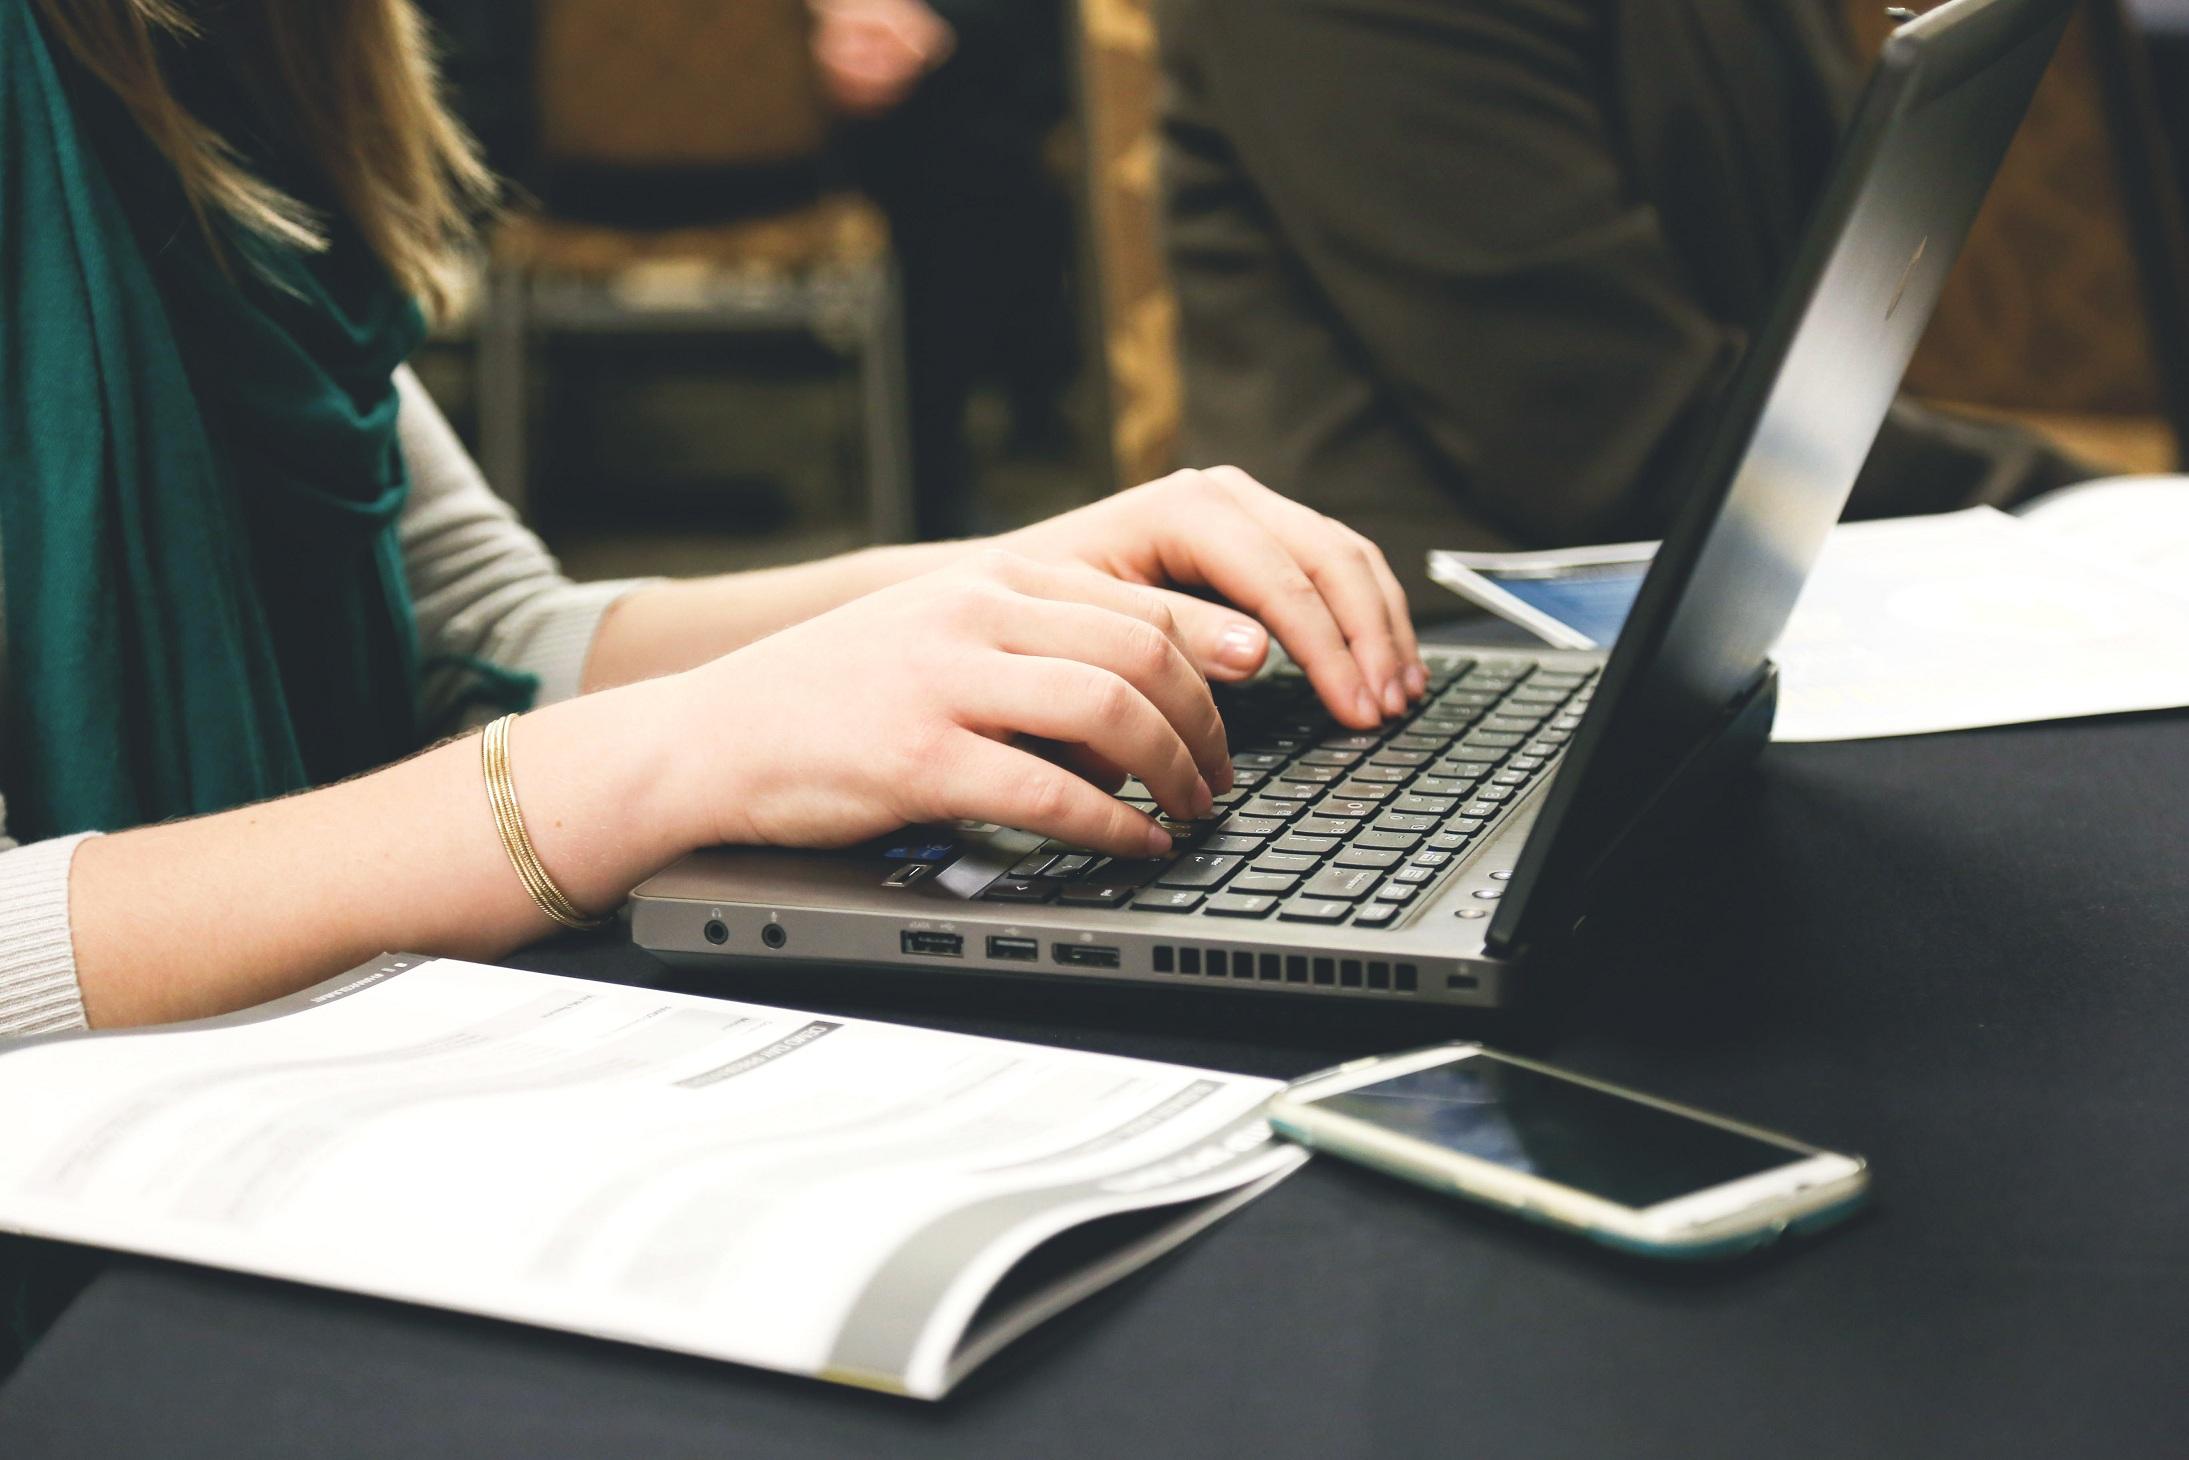 Les smartphones nuisent à la productivité au bureau, selon une étude